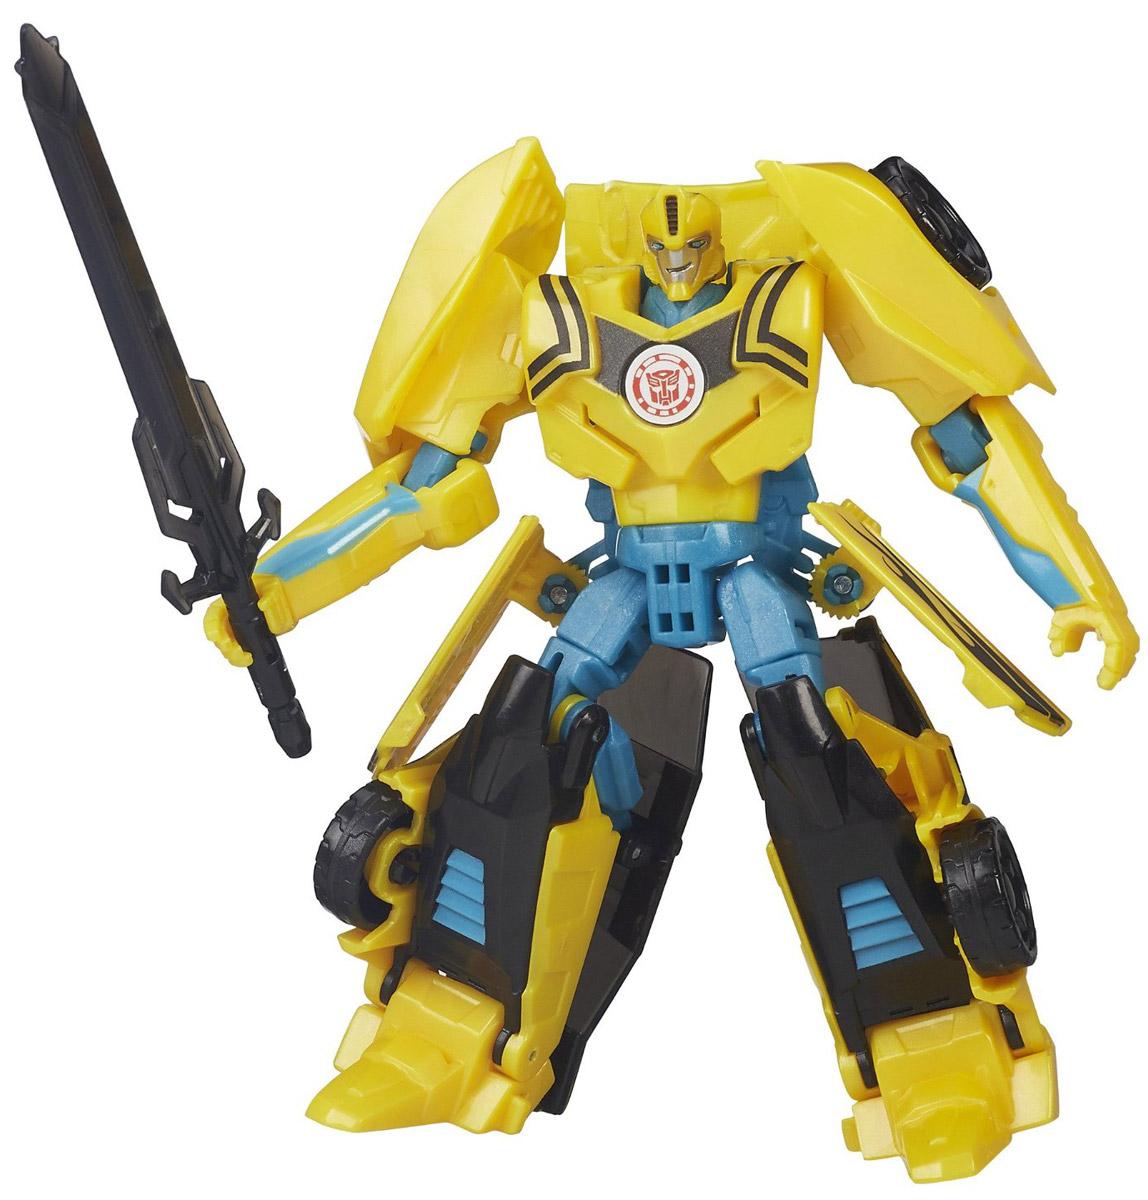 Transformers Трансформер Night Strike BumblebeeB0070_B4688Трансформер Night Strike Bumblebee обязательно понравится любому маленькому поклоннику знаменитых Трансформеров! Игрушка выполнена из прочного пластика в виде трансформера-автобота Бамблби. Руки и ноги робота подвижны. В несколько простых шагов малыш сможет трансформировать фигурку робота в мощный гоночный автомобиль. Фигурка отличается высокой степенью детализации. Ребенок с удовольствием будет играть с фигуркой, придумывая различные истории. Порадуйте его таким замечательным подарком!